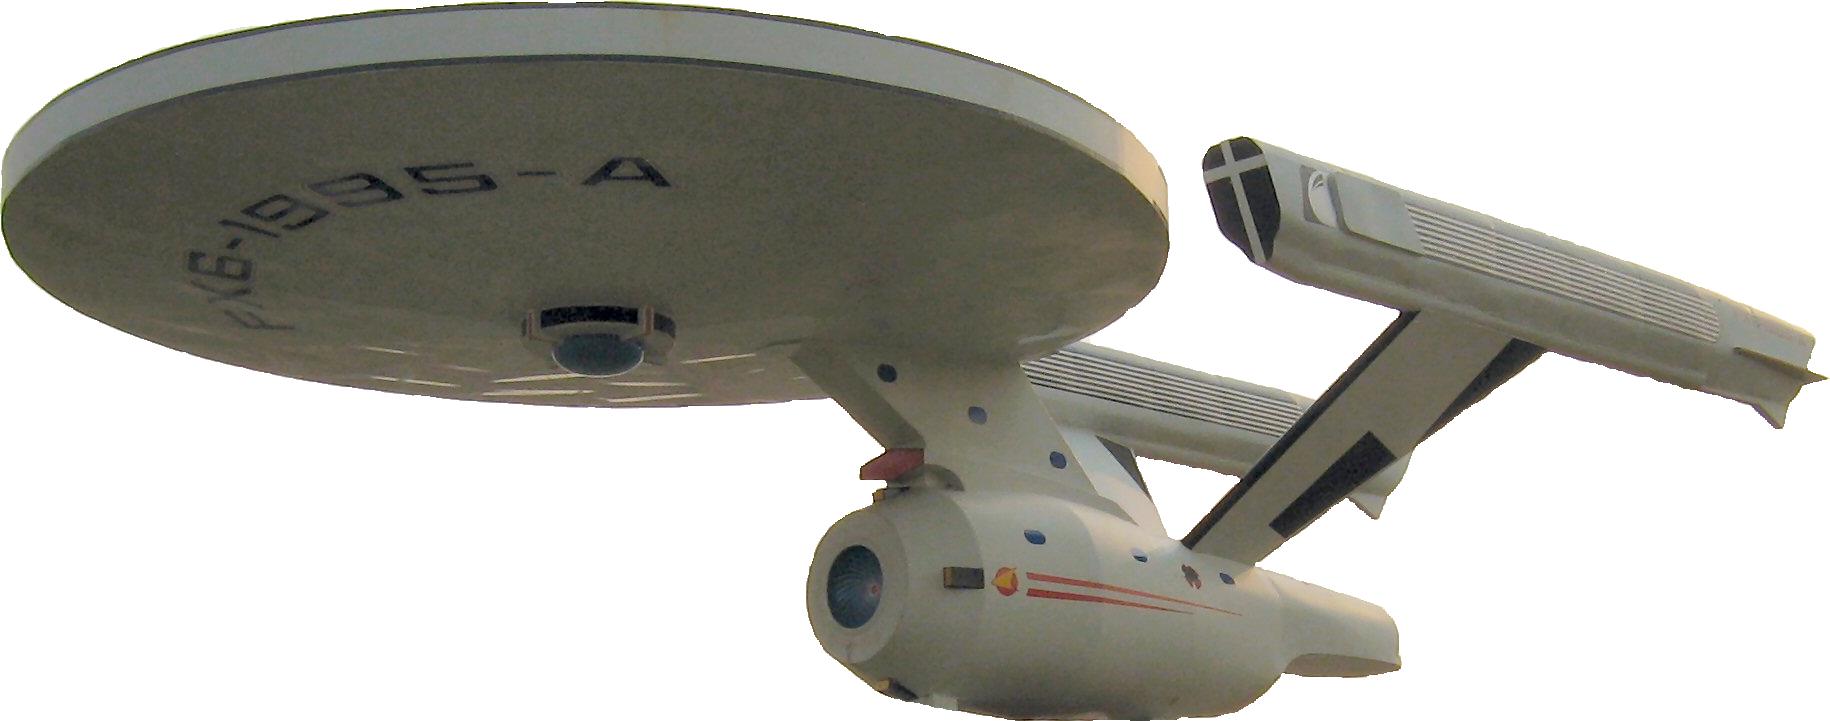 Uss Enterprise PNG